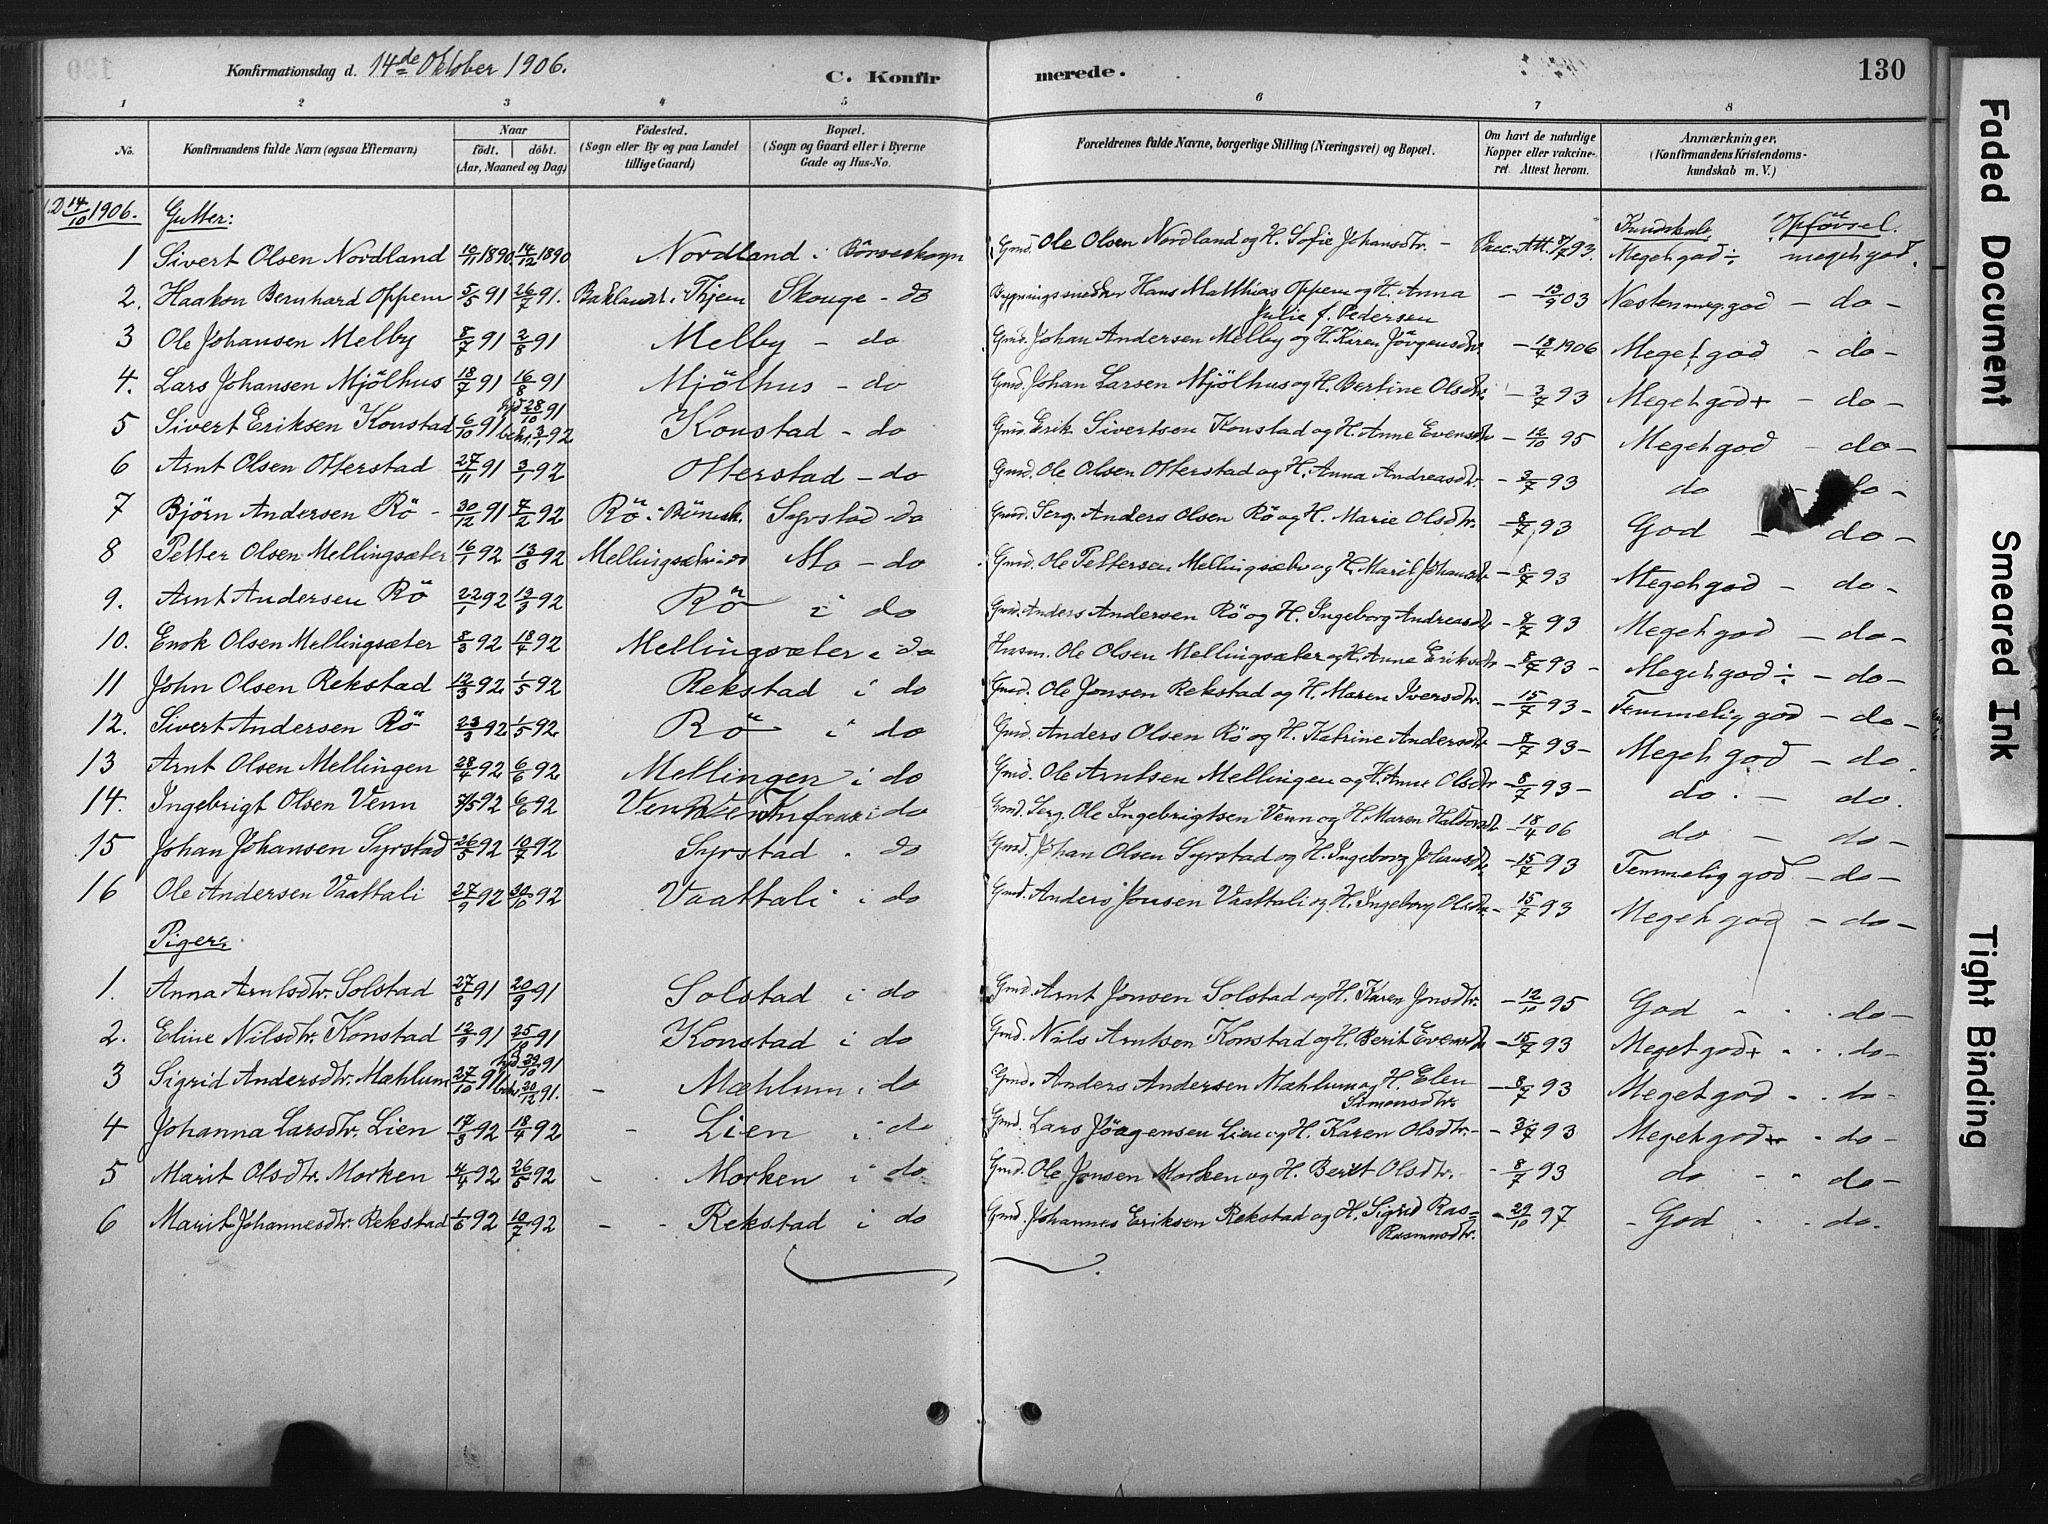 SAT, Ministerialprotokoller, klokkerbøker og fødselsregistre - Sør-Trøndelag, 667/L0795: Ministerialbok nr. 667A03, 1879-1907, s. 130